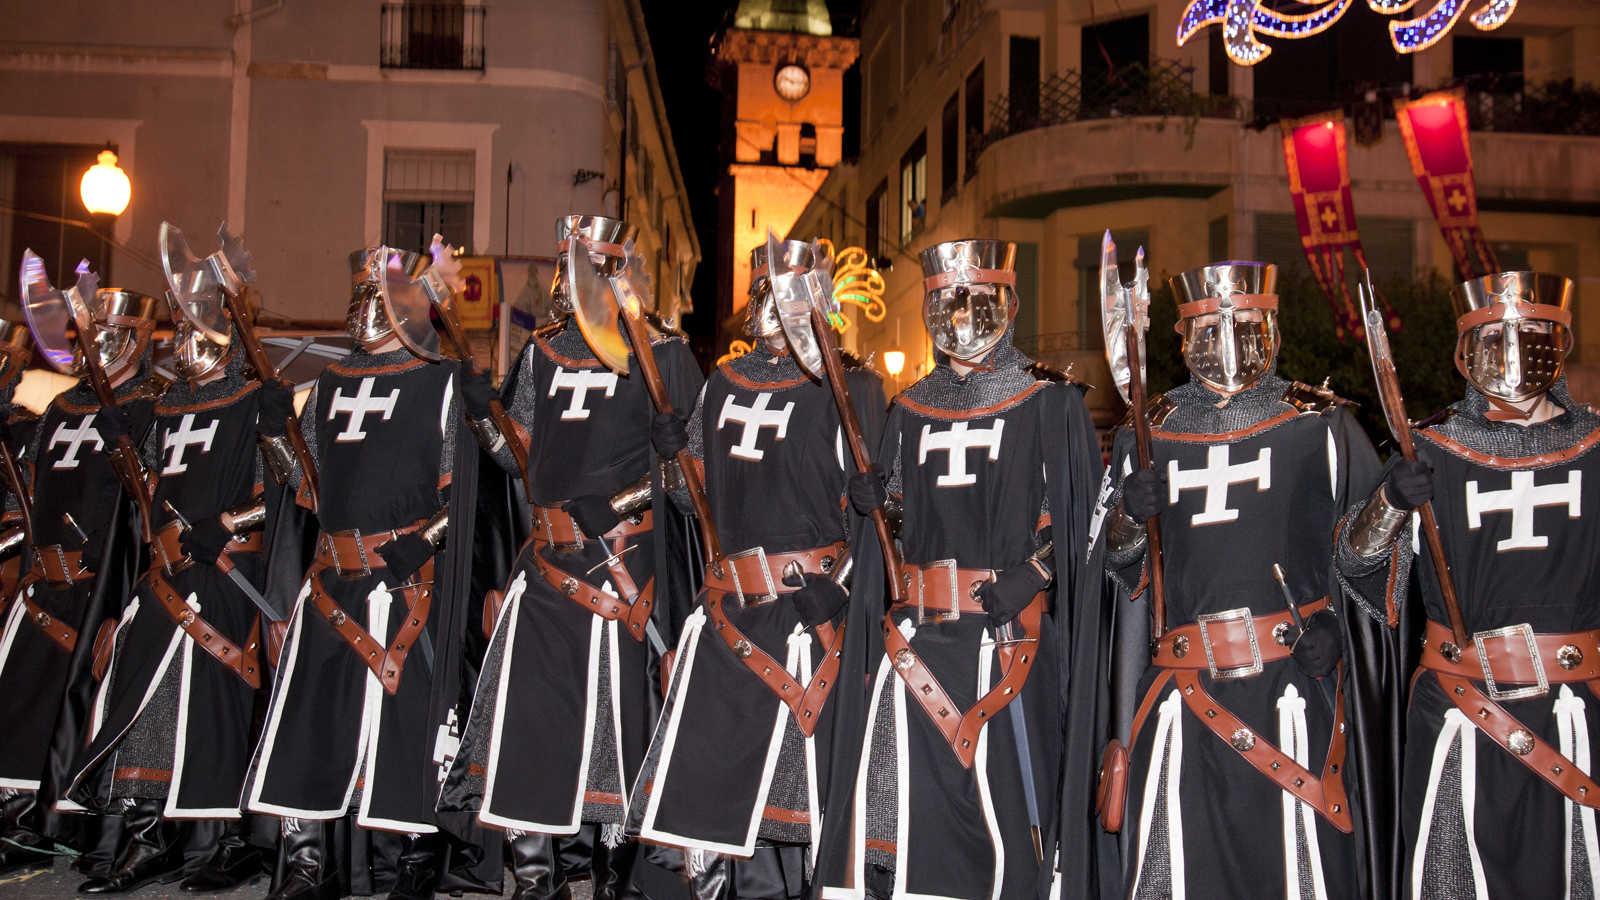 FIESTAS DE MOROS Y CRISTIANOS DE VILLENA